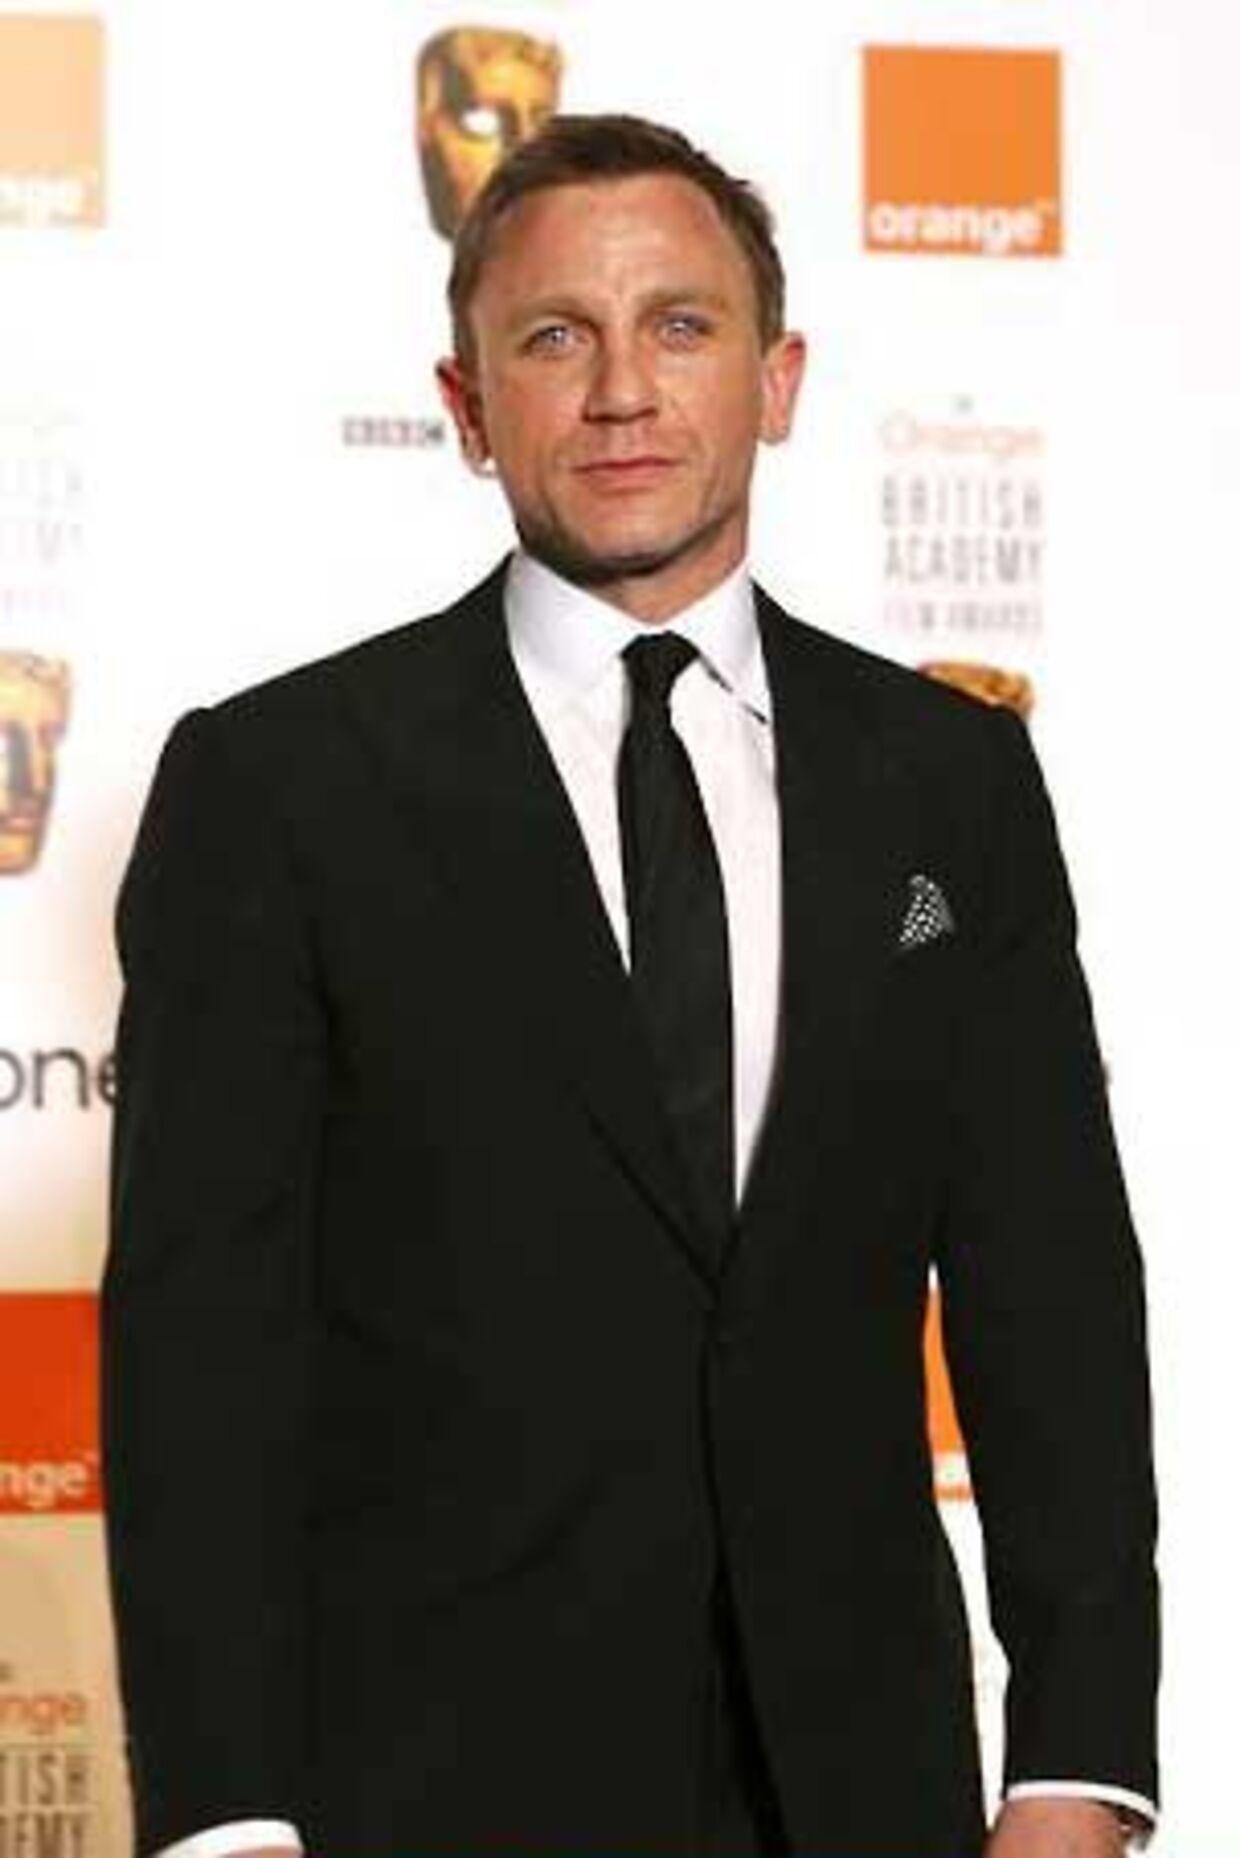 En svensker har fået lov til at kalde sig James Bond. Her ses den ægte vare i skikkelse af Daniel Craig.